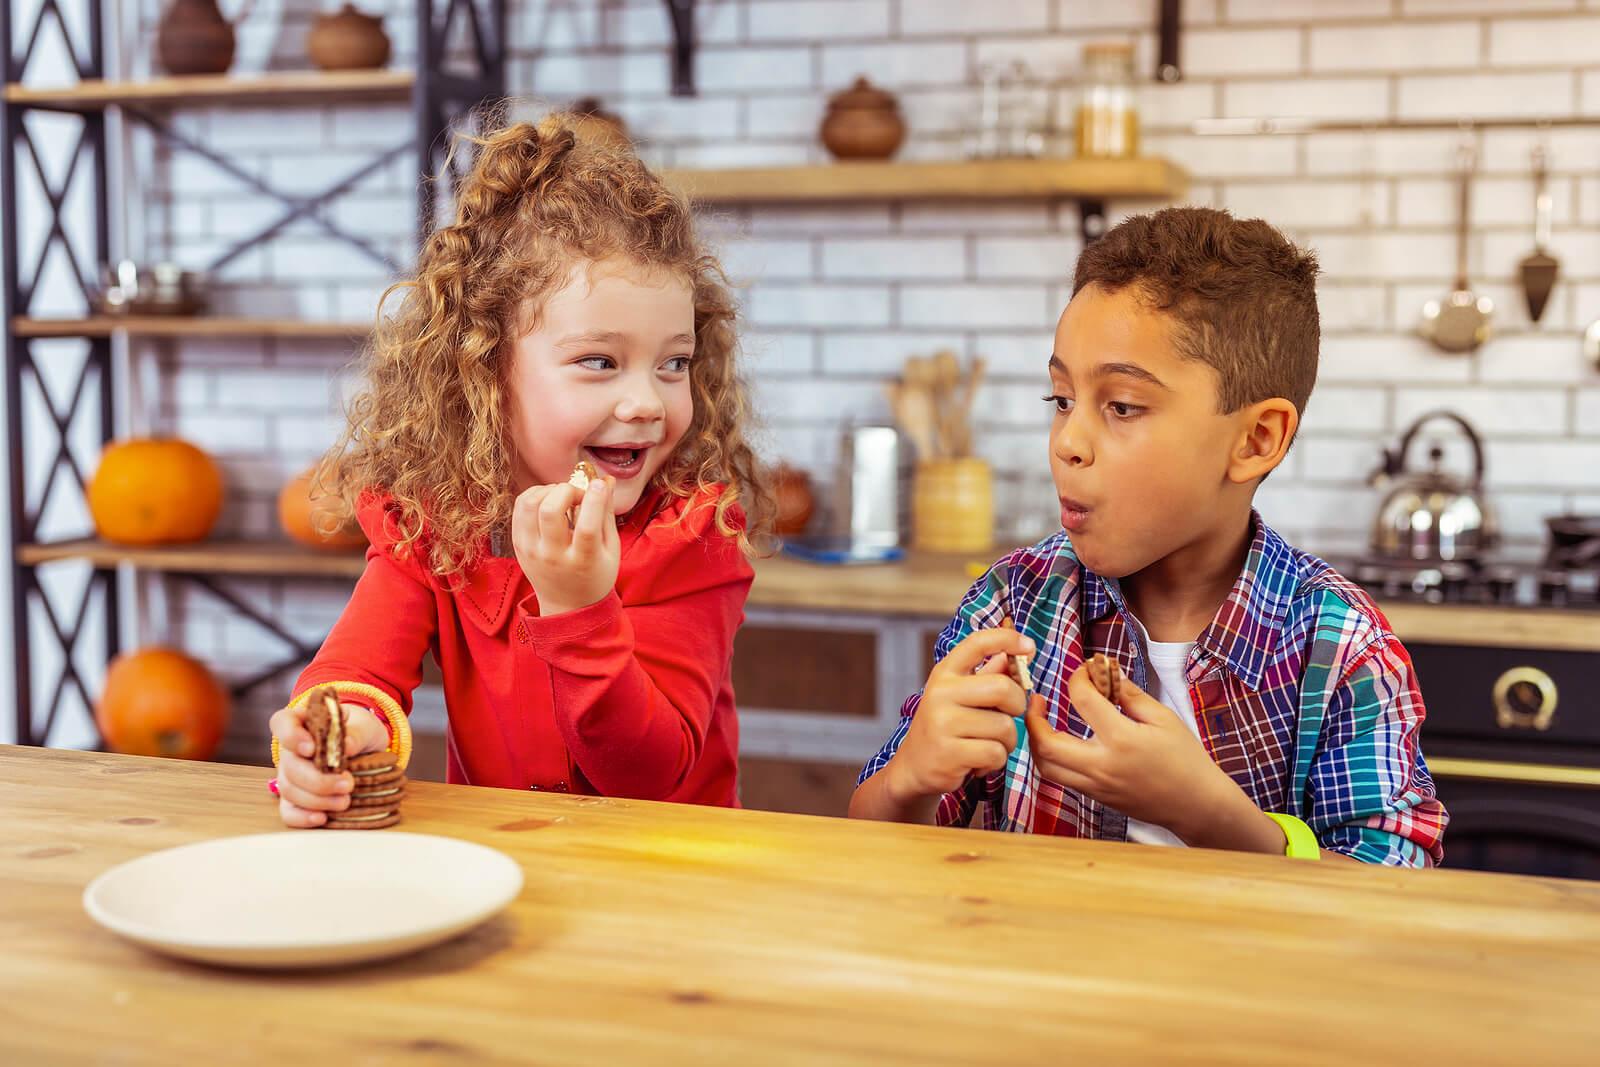 Primos merendando en la cocina juntos para alimentar el vínculo entre ellos desde la infancia.